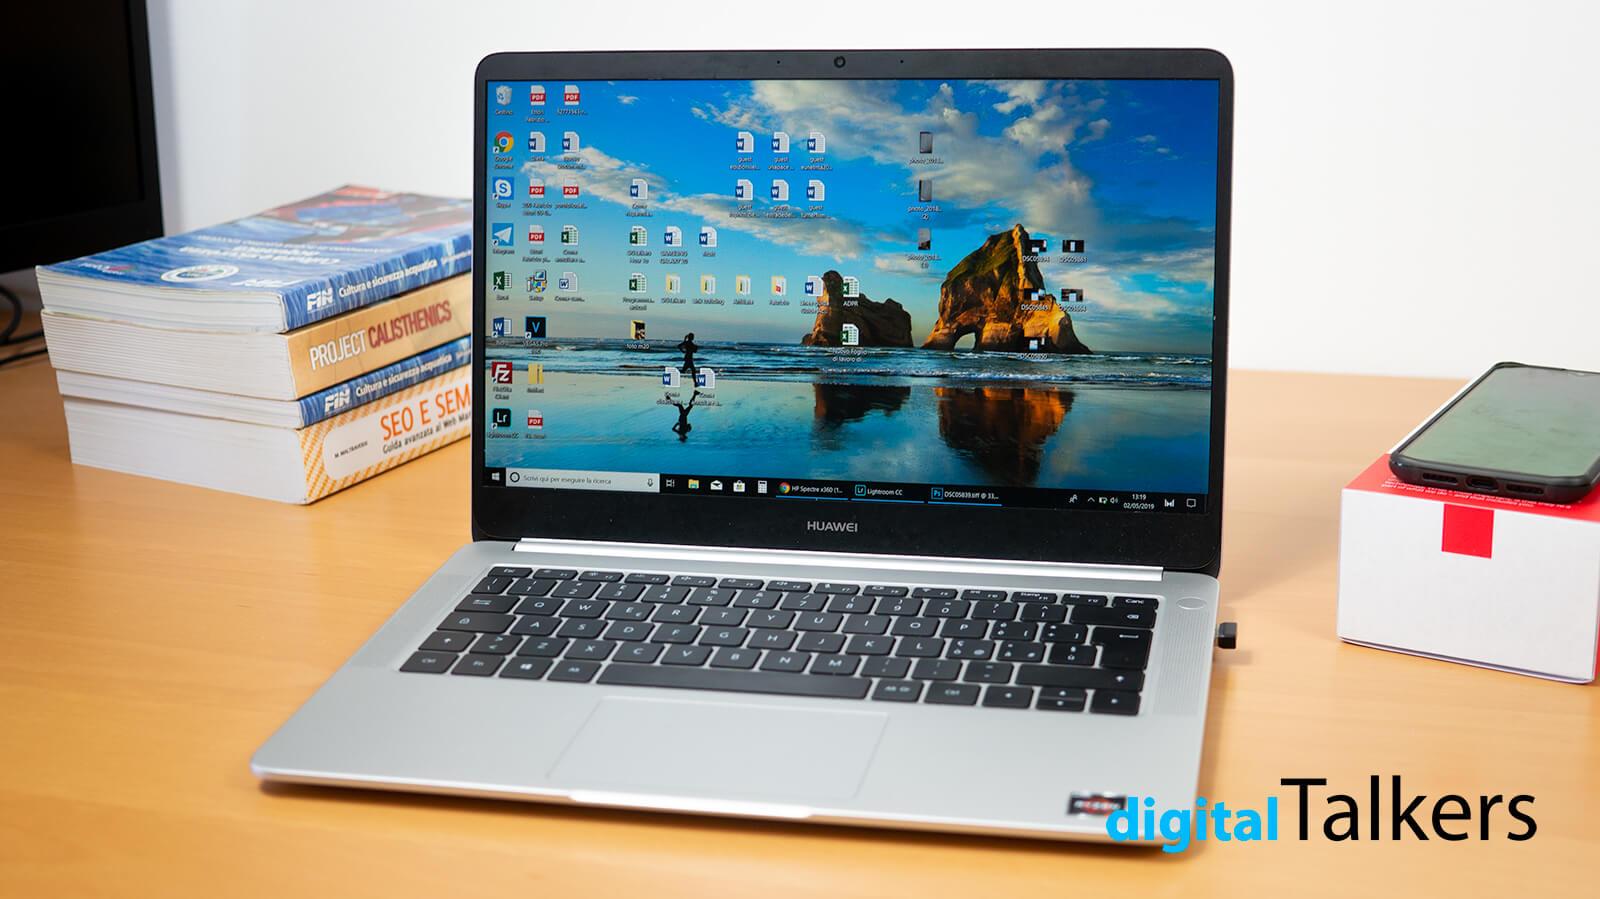 HUAWEI MateBook D recensione (Ryzen 5 2500U) | MigliorNotebook